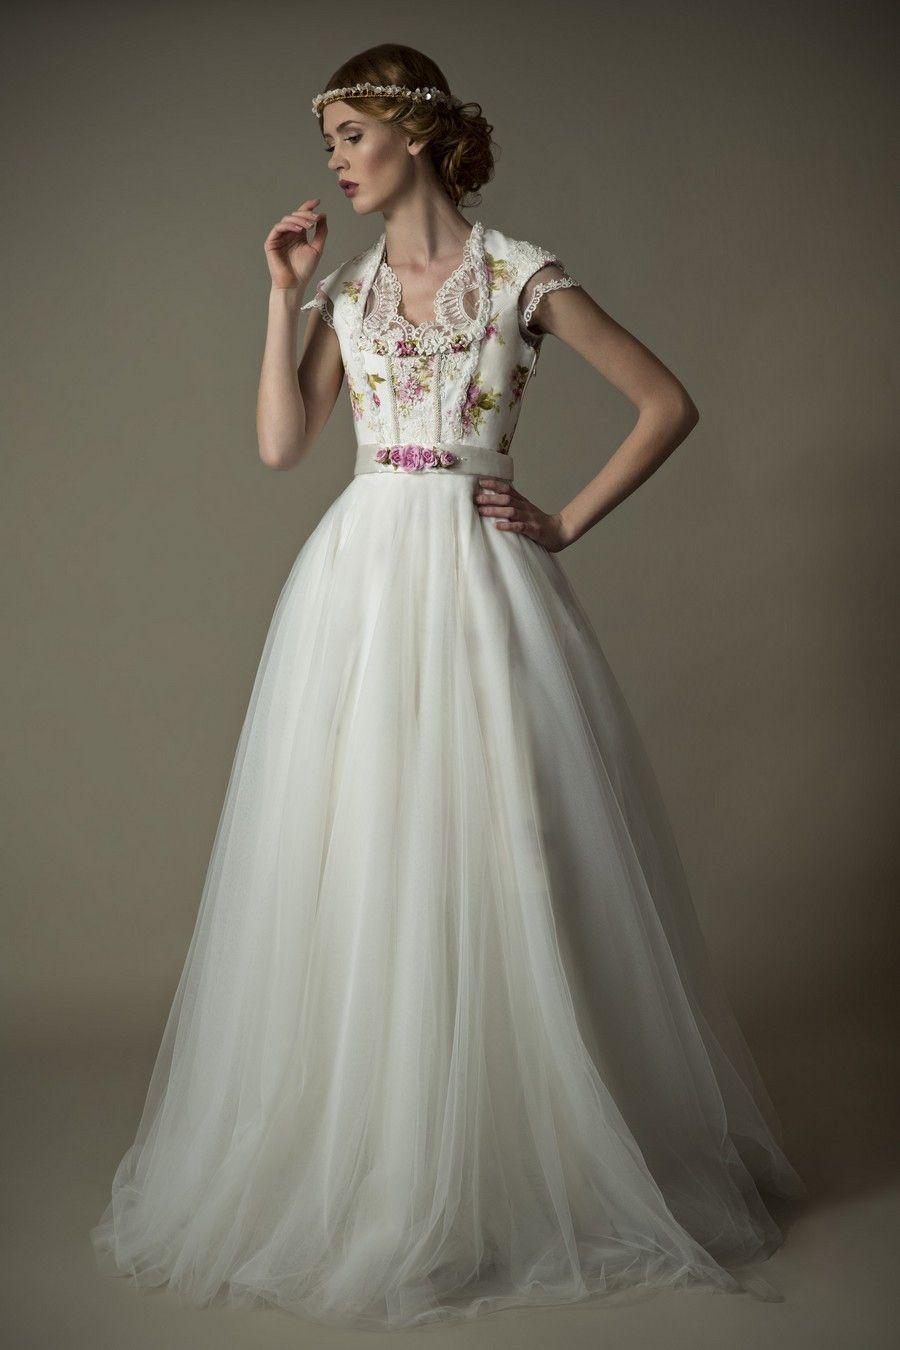 Edle Trachten-Couture für Dirndl-Bräute  Hochzeitskleid dirndl